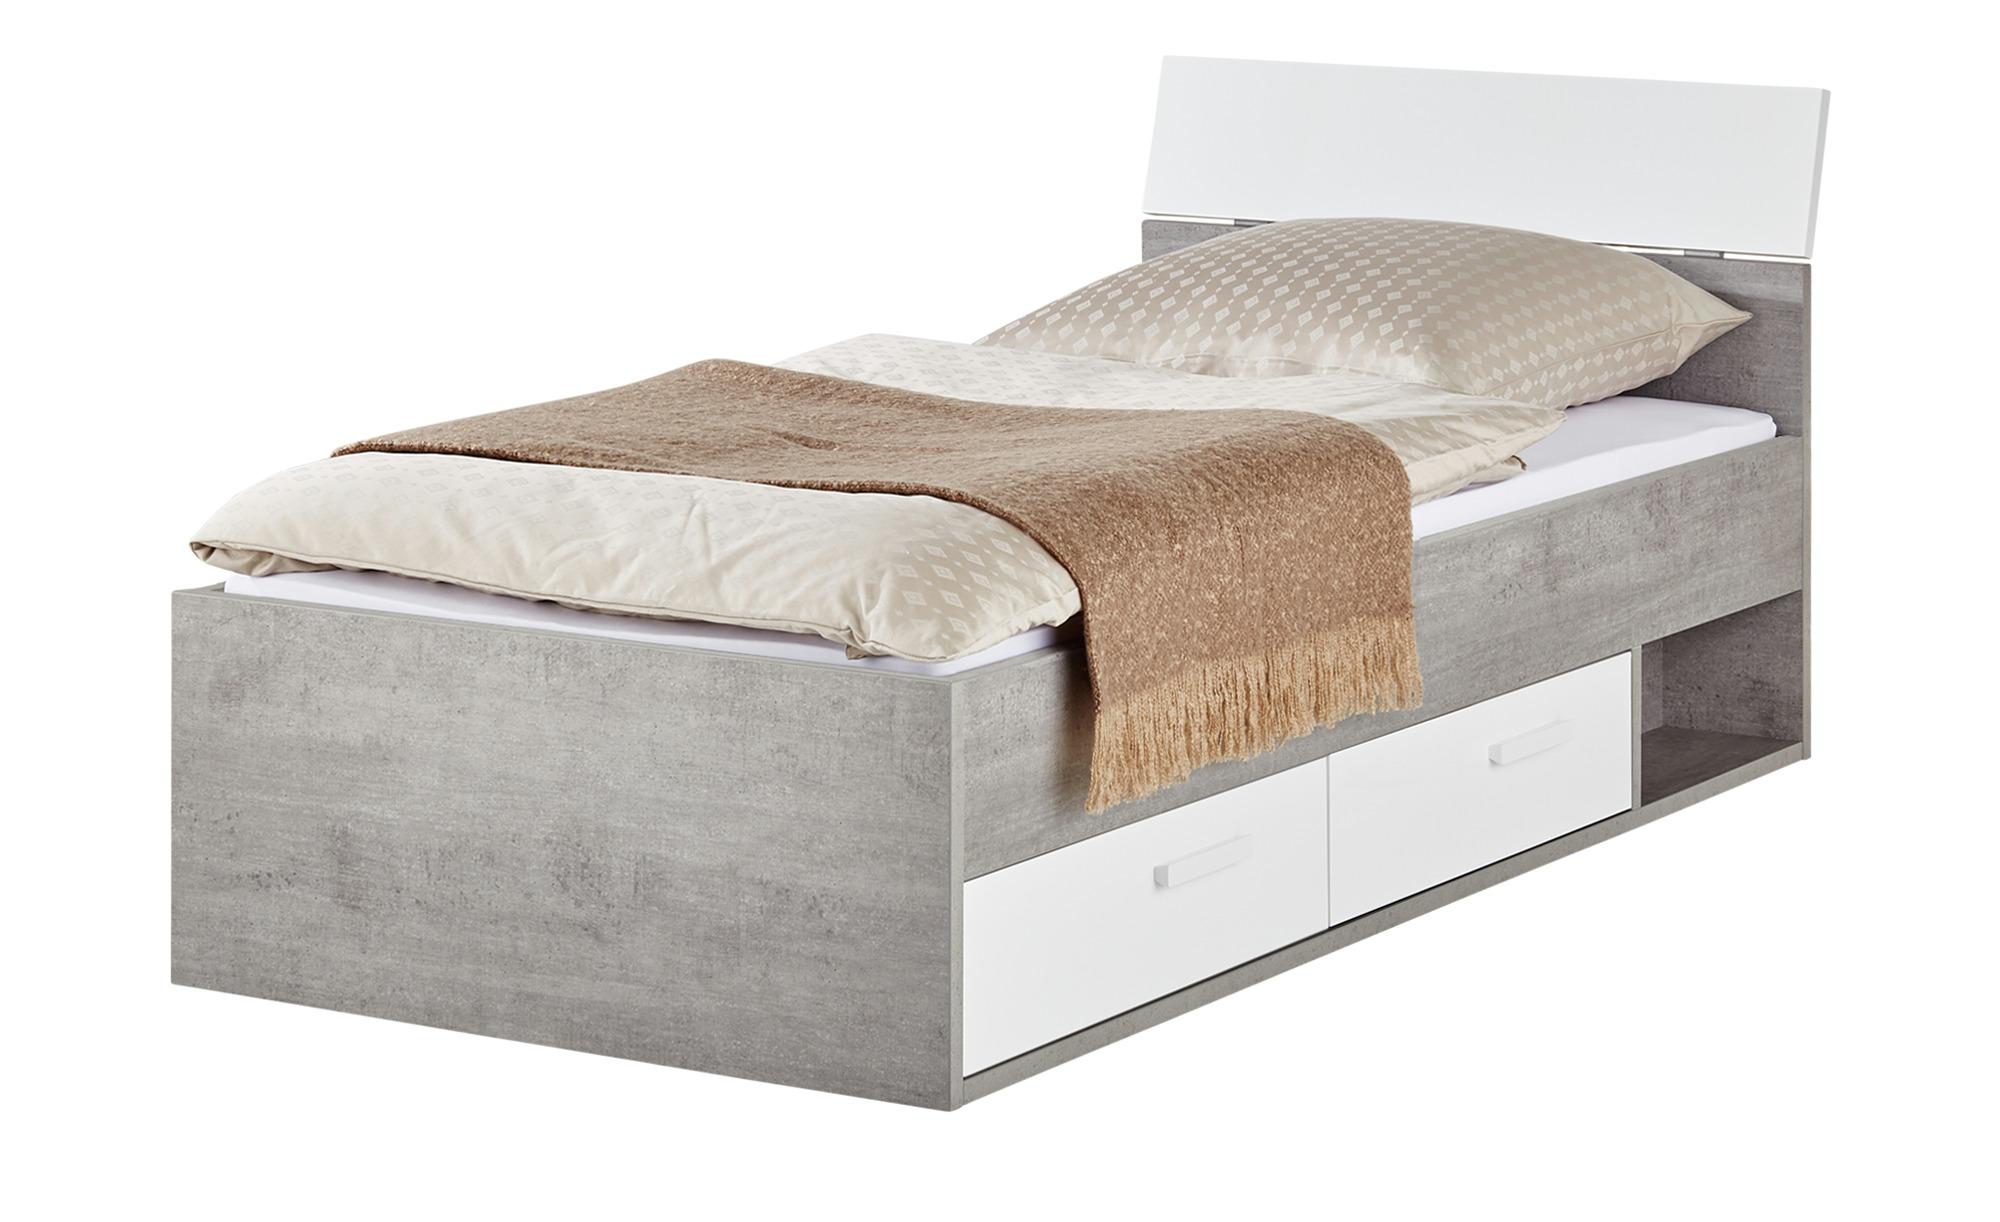 Full Size of Stauraumbett 120x200 Bettgestell Cm Sconto Der Mbelmarkt Bett Mit Bettkasten Matratze Und Lattenrost Weiß Betten Wohnzimmer Stauraumbett 120x200